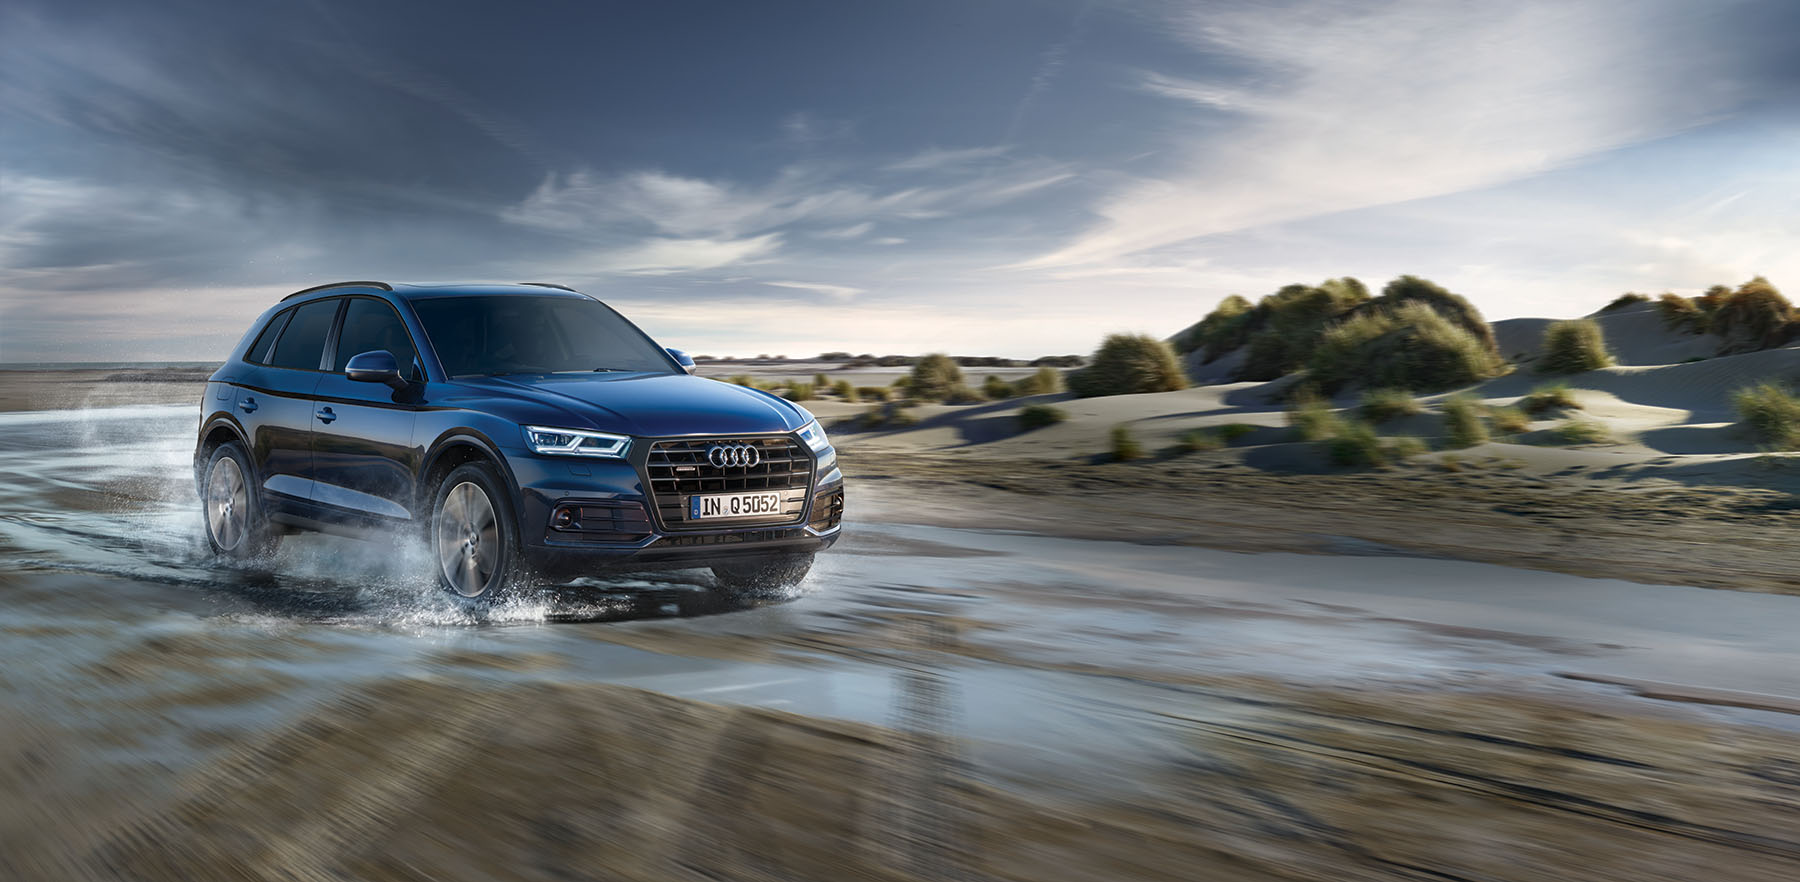 Problema no revistimentos dos pistões do freio traseiro dos modelos Q5 e SQ5 faz com que a Audi convoque 22 unidades produzidas em 2018 para recall.